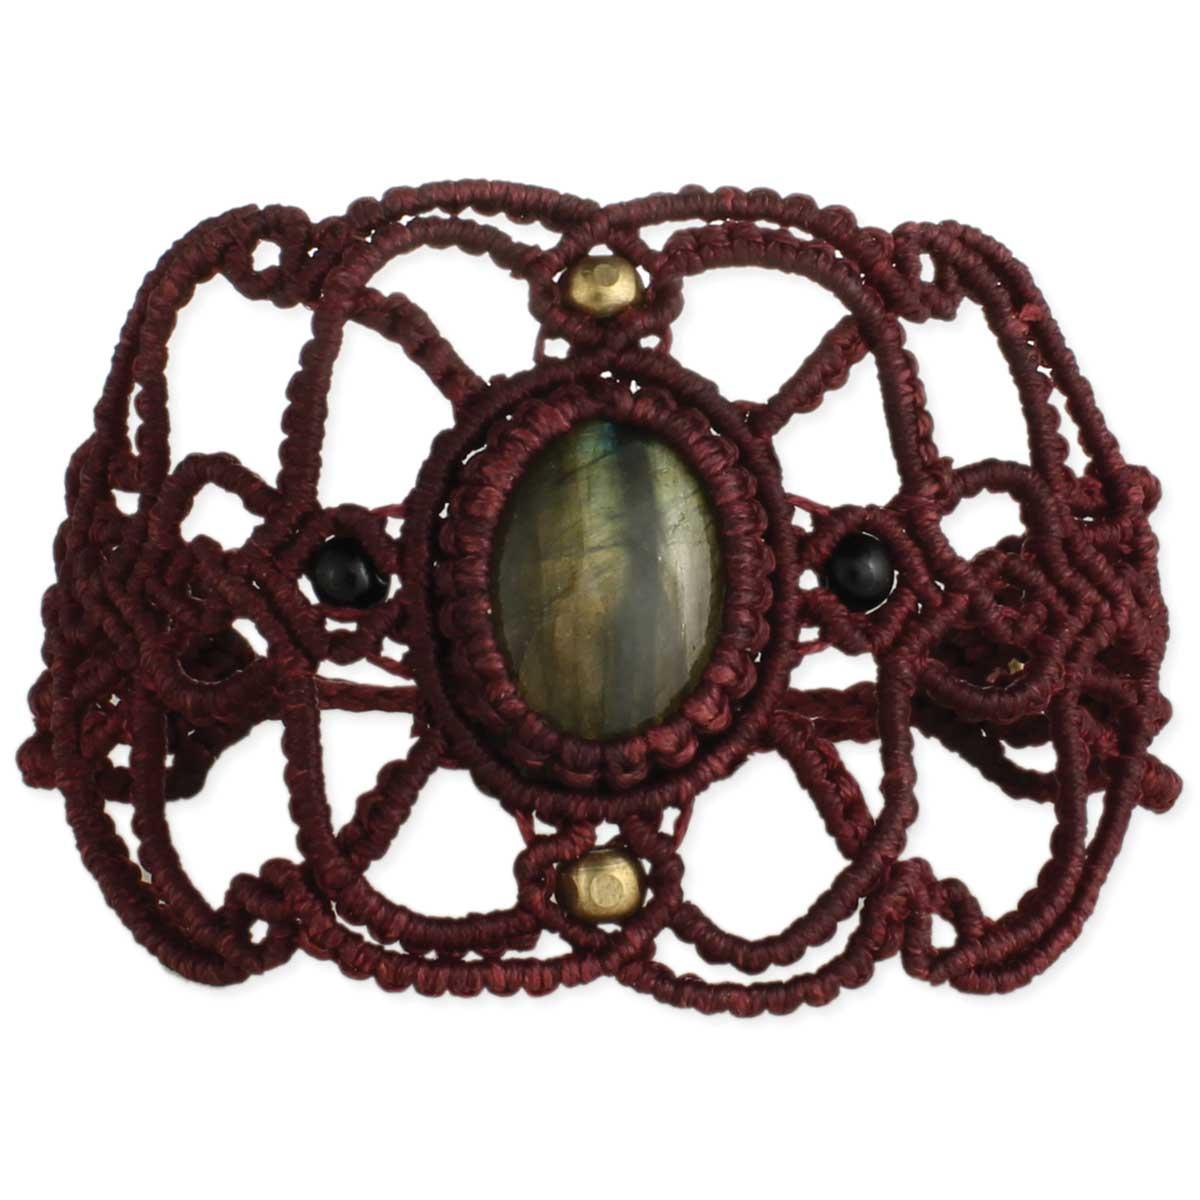 Waxed Cord Macrame Labradorite Bracelet